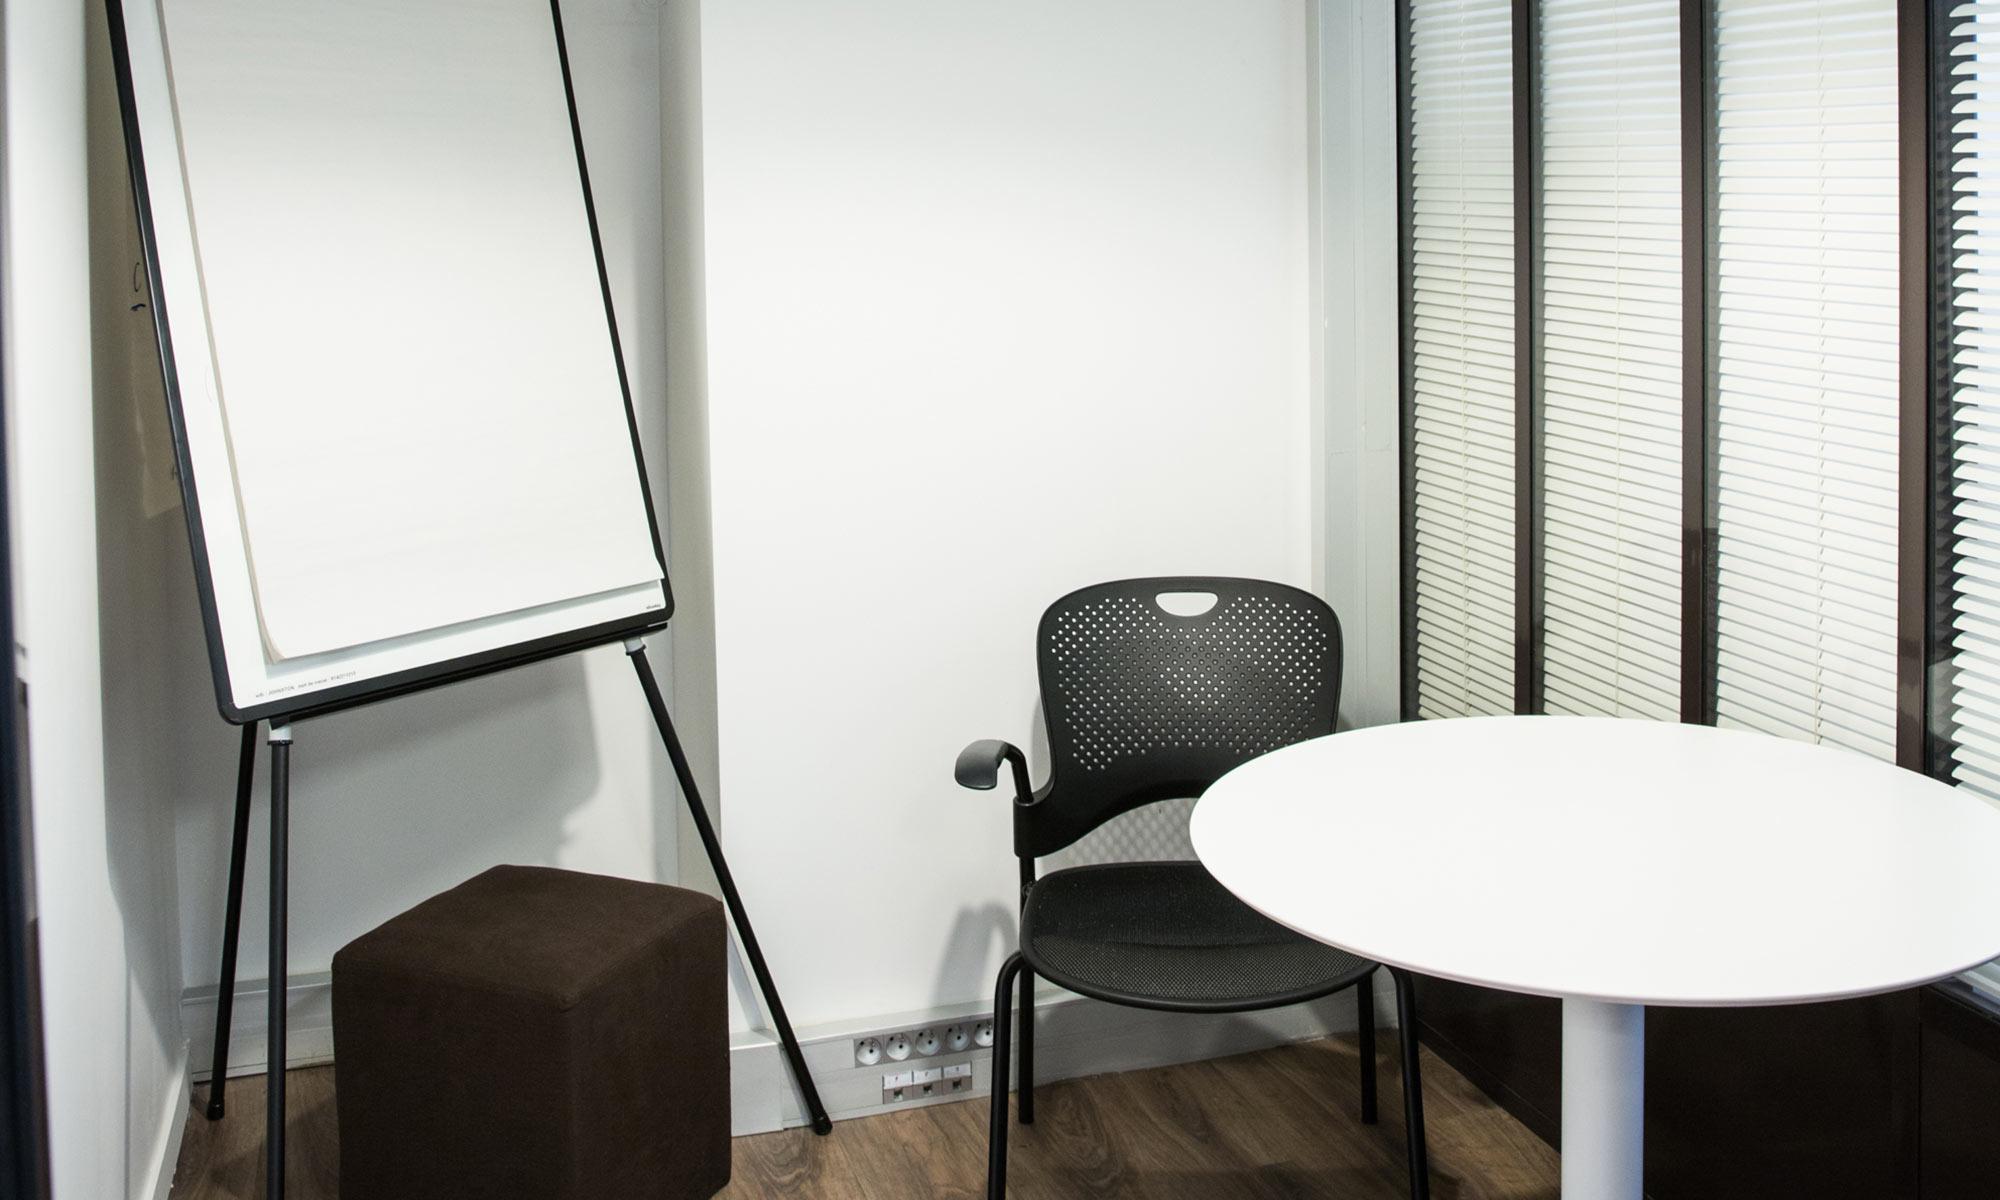 location bureau paris location de bureau paris affaires tourisme location bureau paris. Black Bedroom Furniture Sets. Home Design Ideas